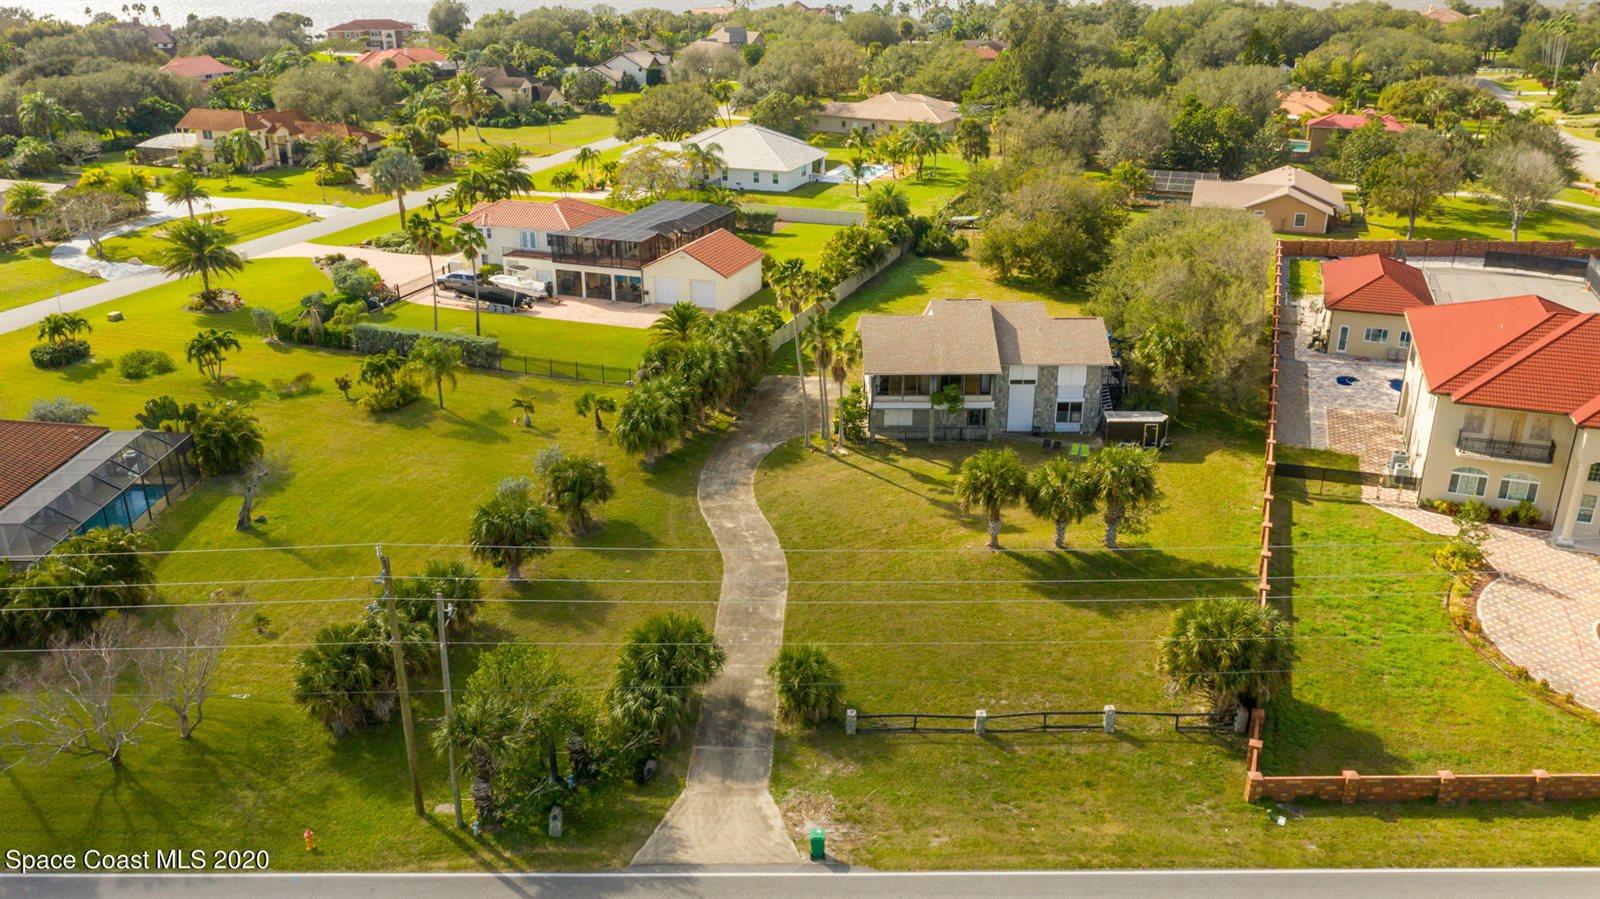 5715 South Tropical Trail, Merritt Island, FL 32952